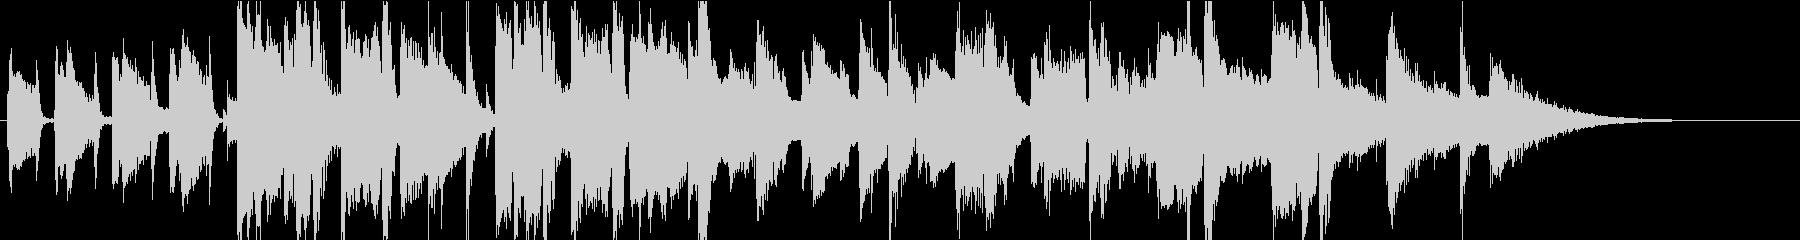 CMやジングルにあうジャズ曲の未再生の波形